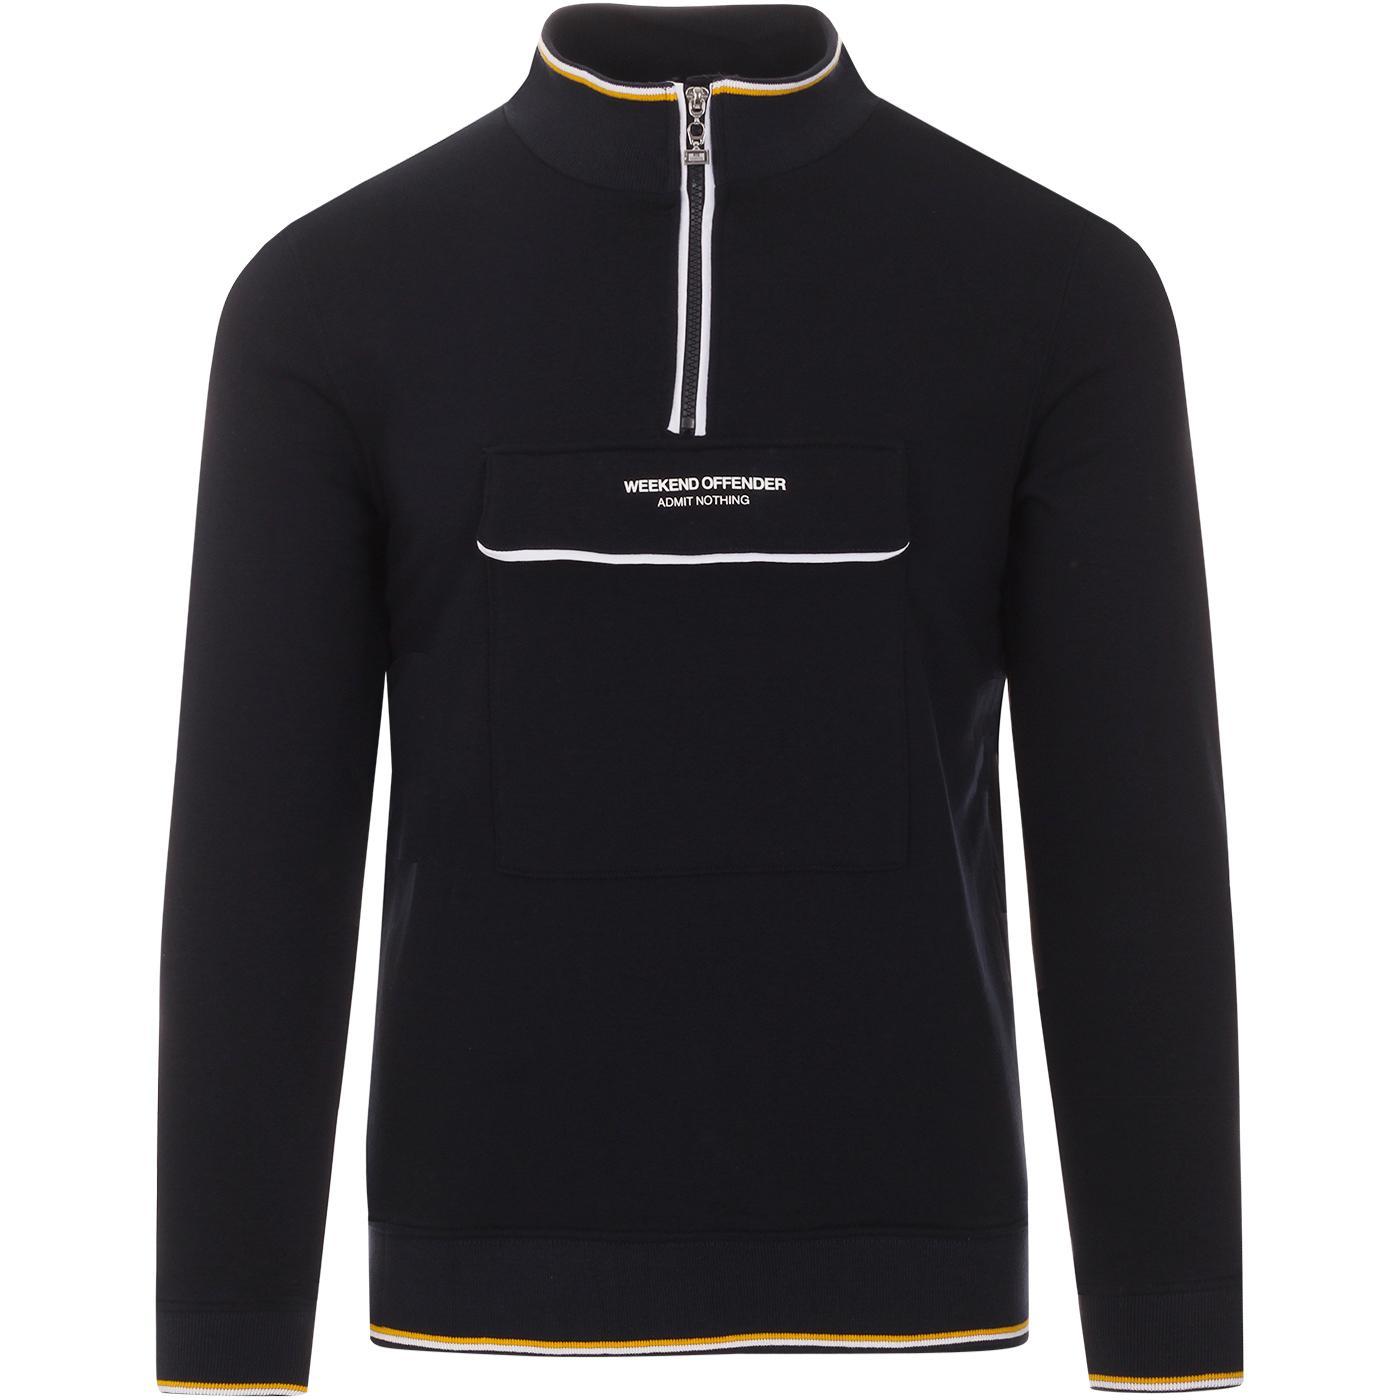 Zocalo WEEKEND OFFENDER Half Zip Sweatshirt (Navy)